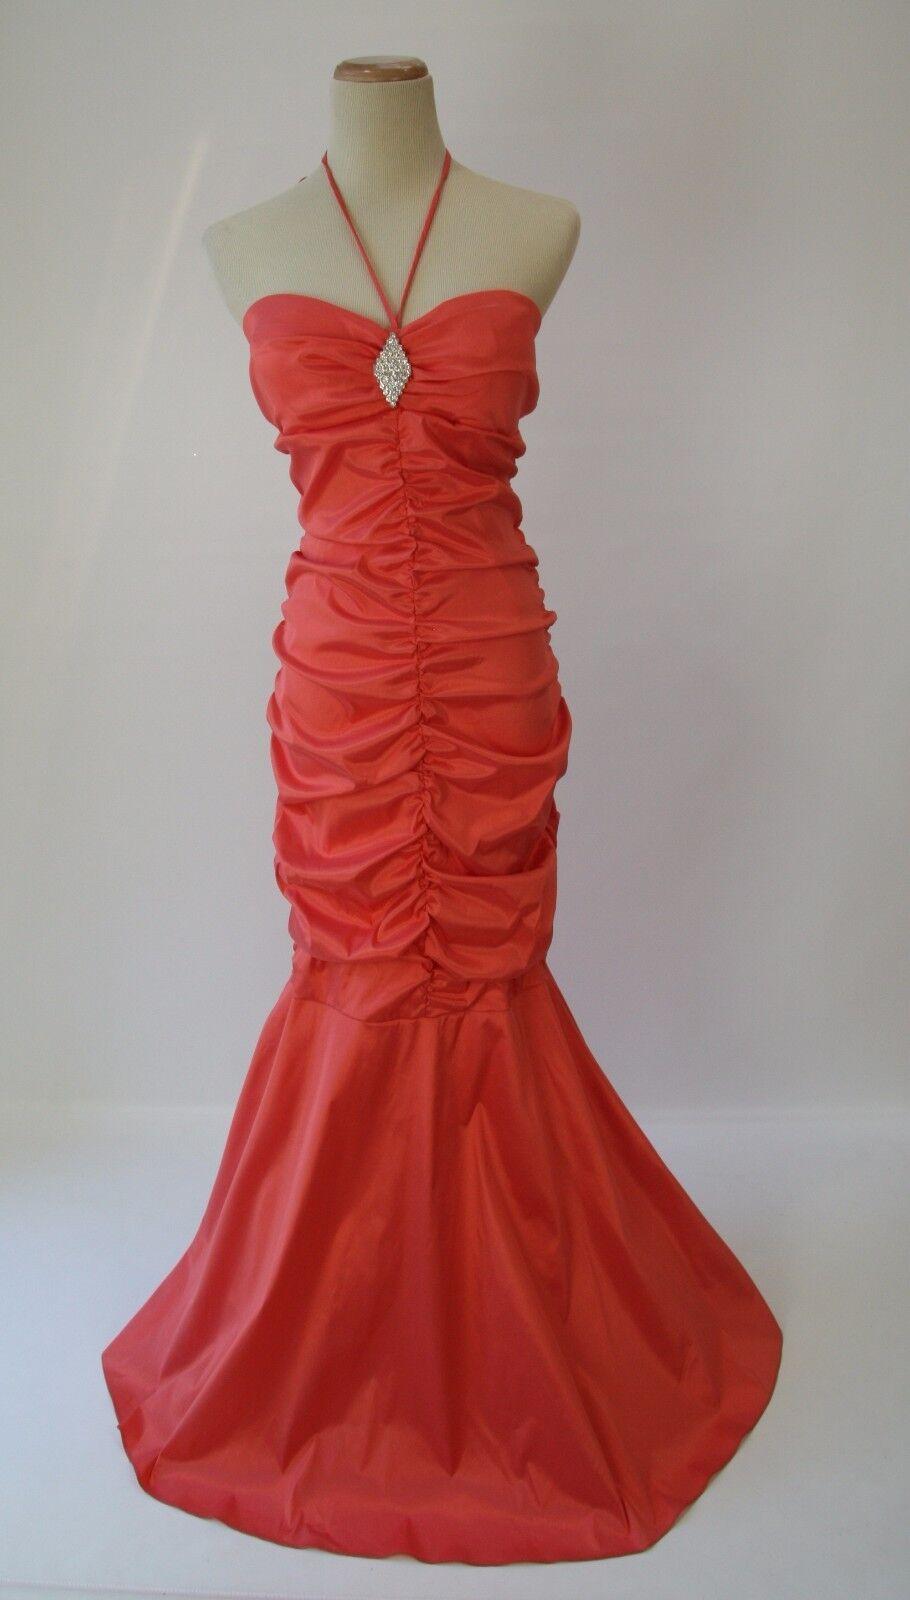 Windsor  Evening Prom Formal Cruise Cocktail Dress Größe 13 Tangerine Long